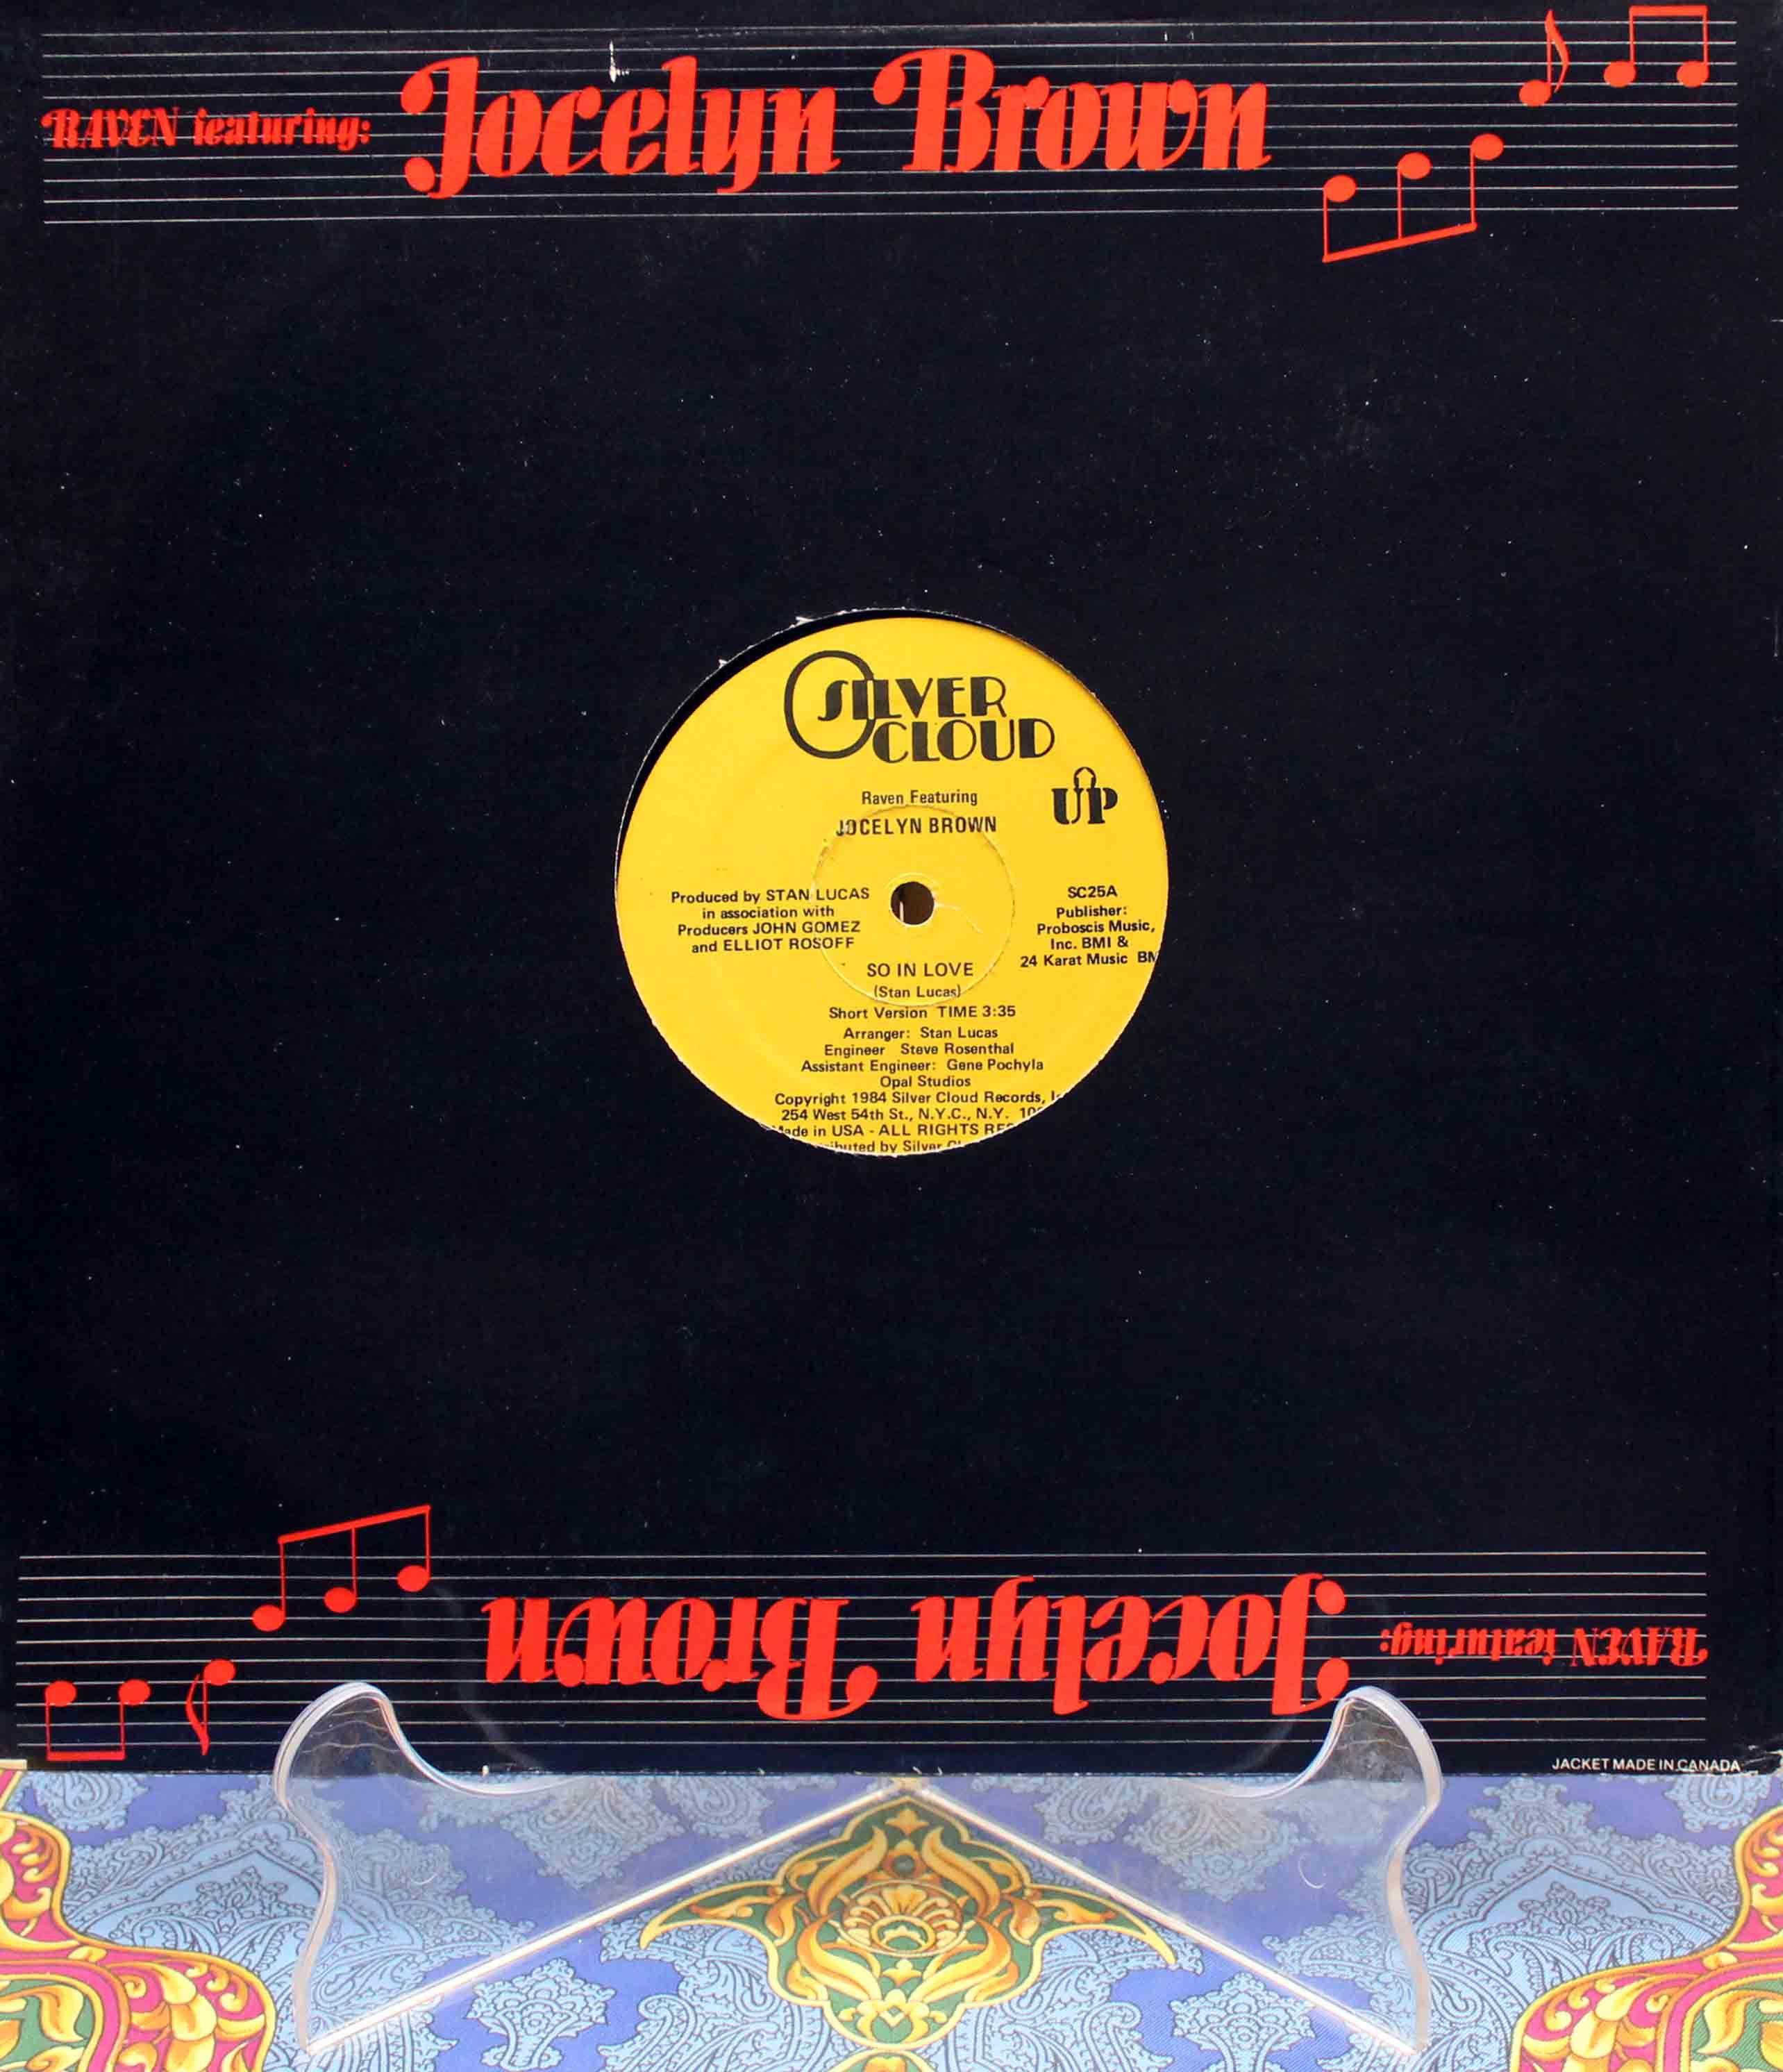 Raven Featuring Jocelyn Brown – So In Love 02